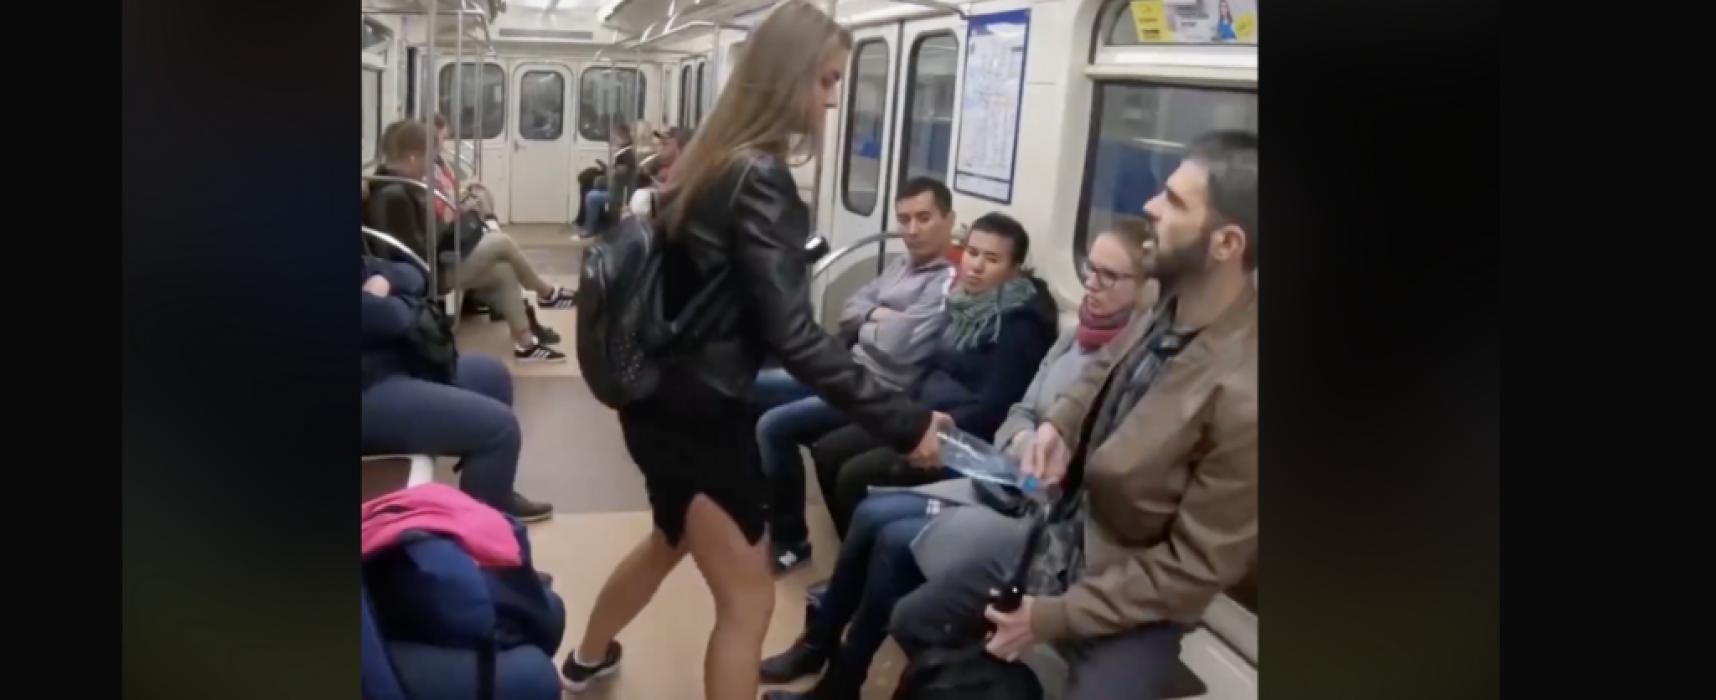 """Viral """"manspreading"""" video is staged Kremlin propaganda"""